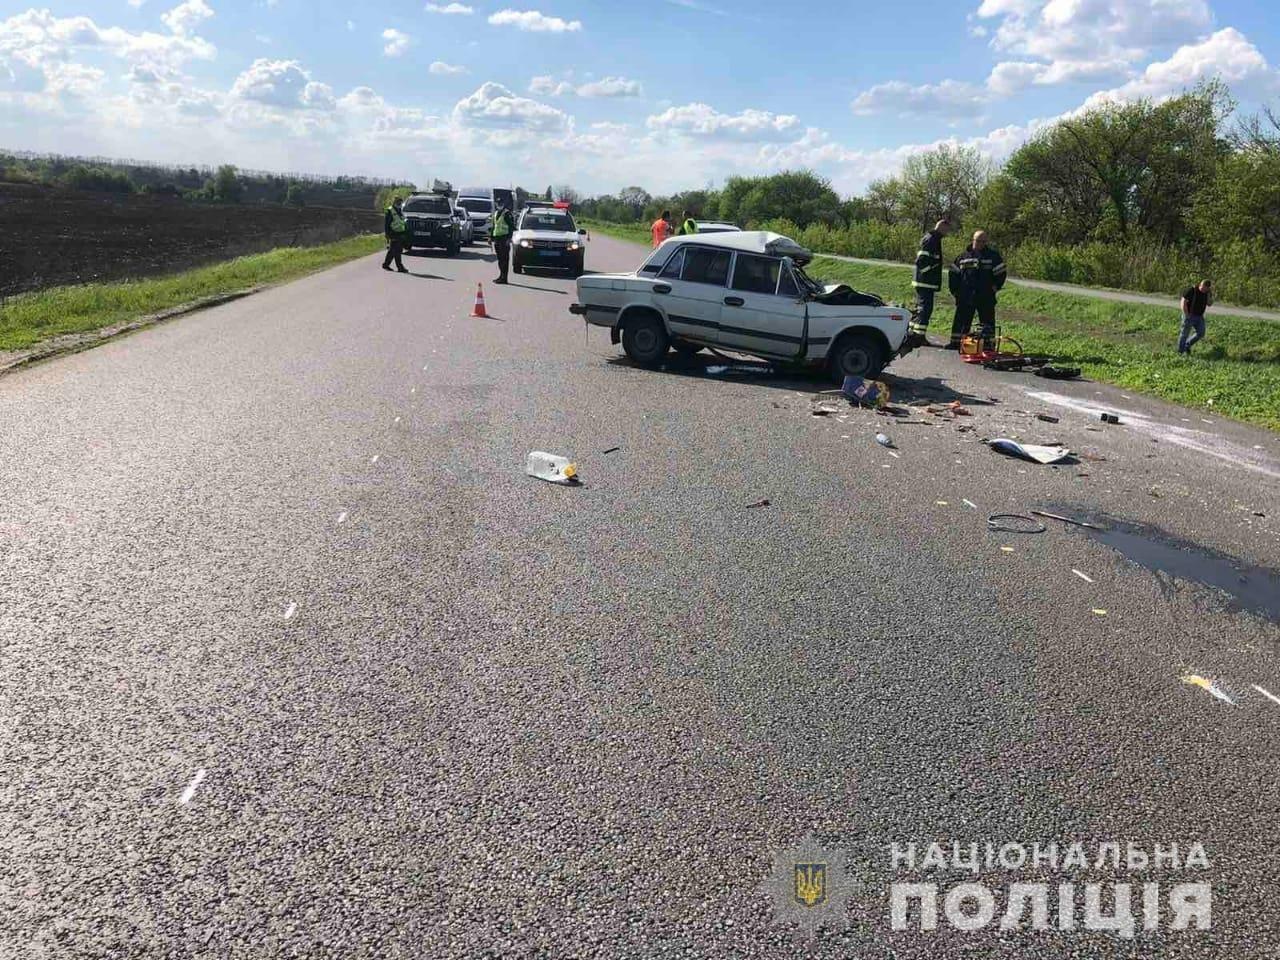 Смертельное ДТП на трассе Киев-Харьков-Довжанский: погибли двое людей (фото)